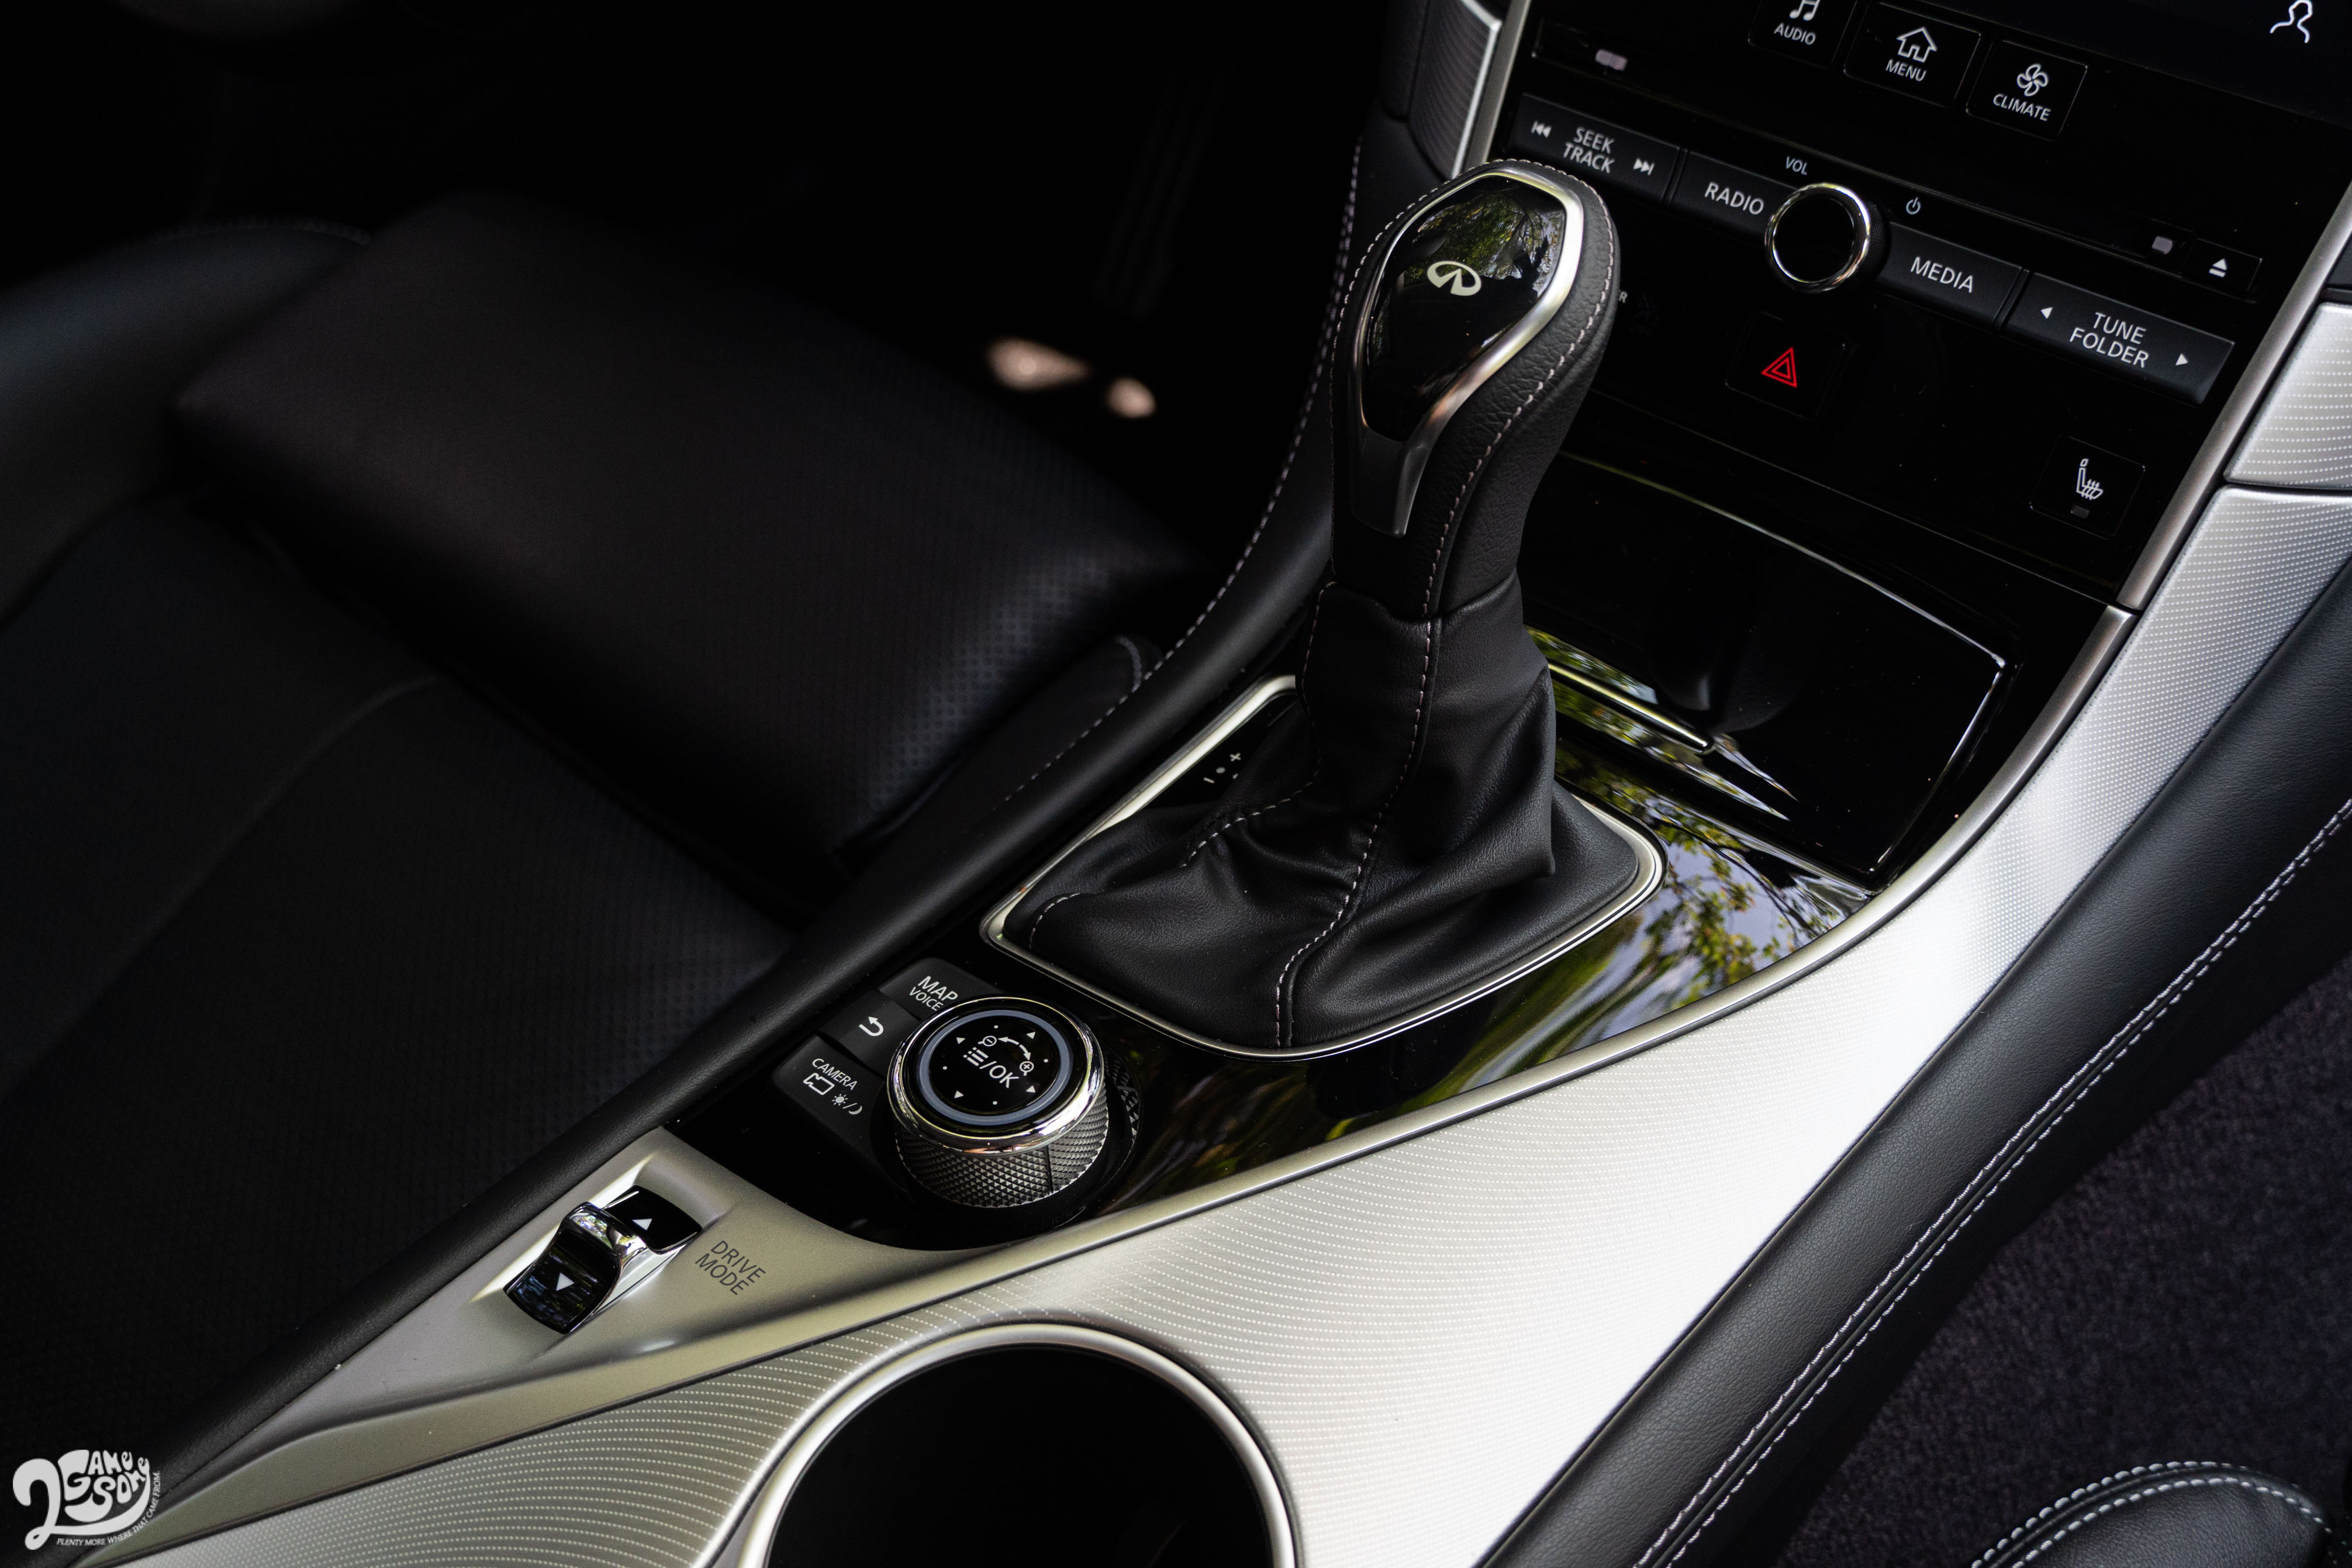 7 速手自排變速箱反應平性能車水準。